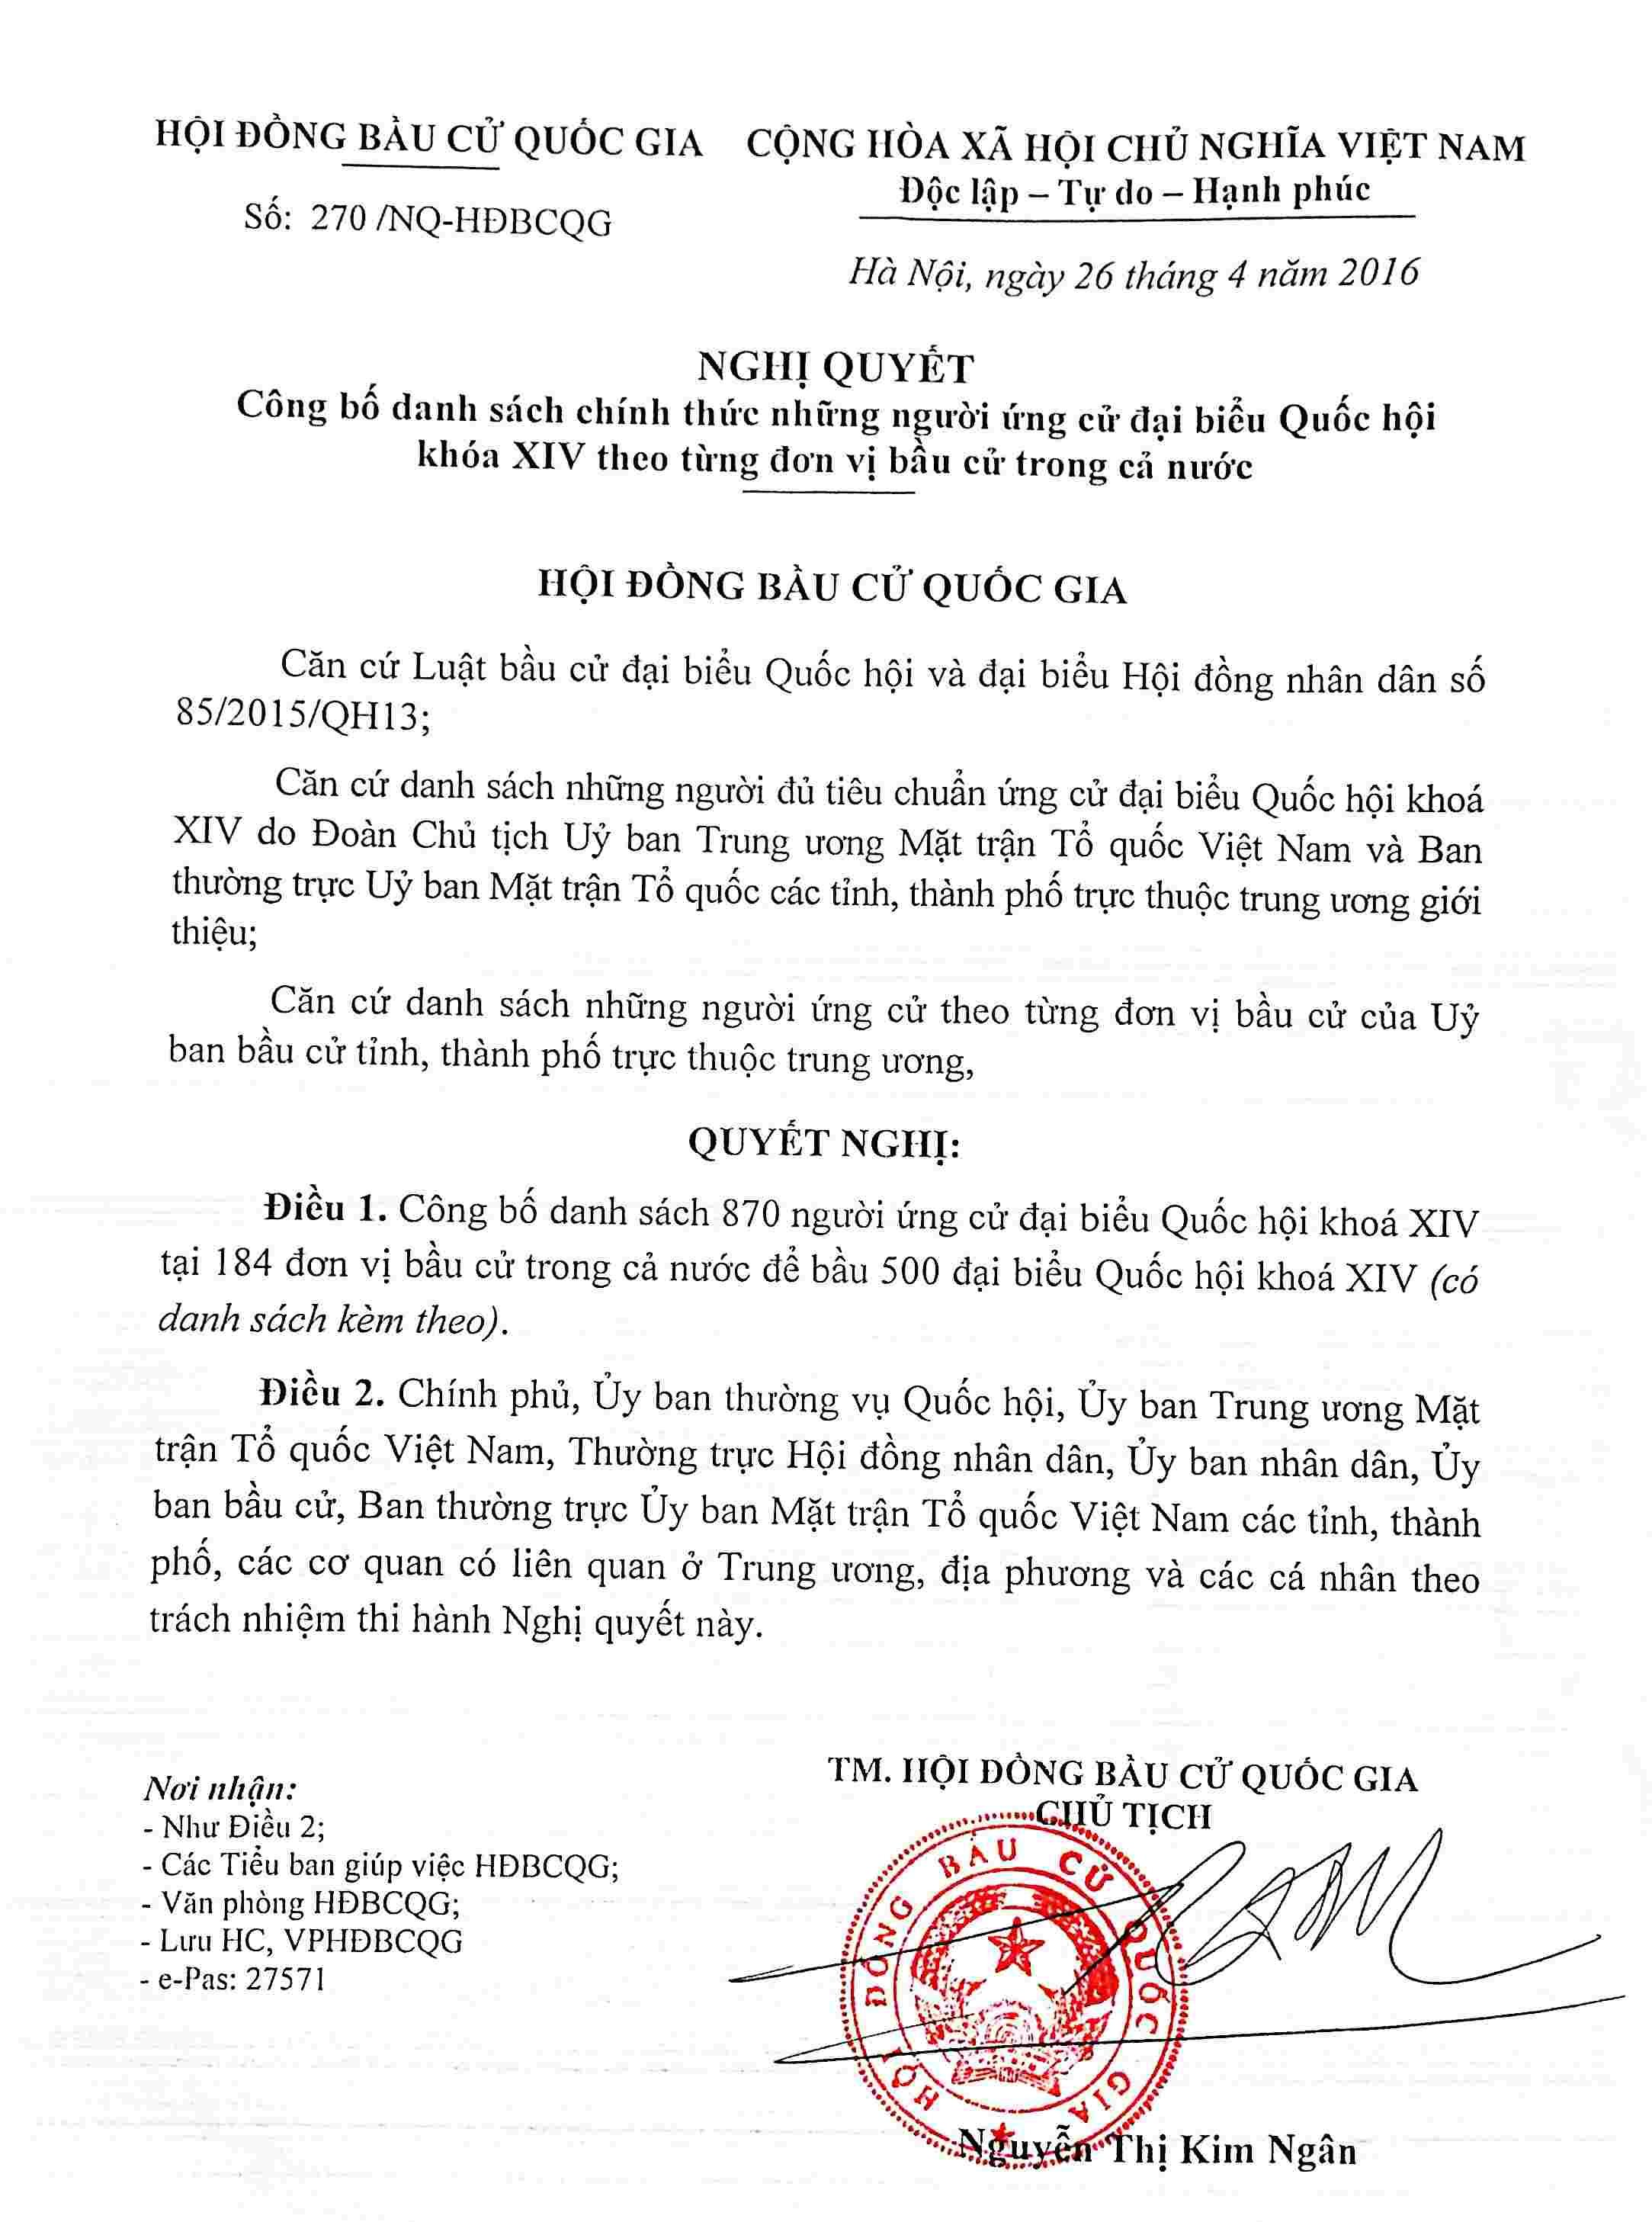 Danh sách 870 người chính thức ứng cử đại biểu Quốc hội khóa XIV Nghi2010